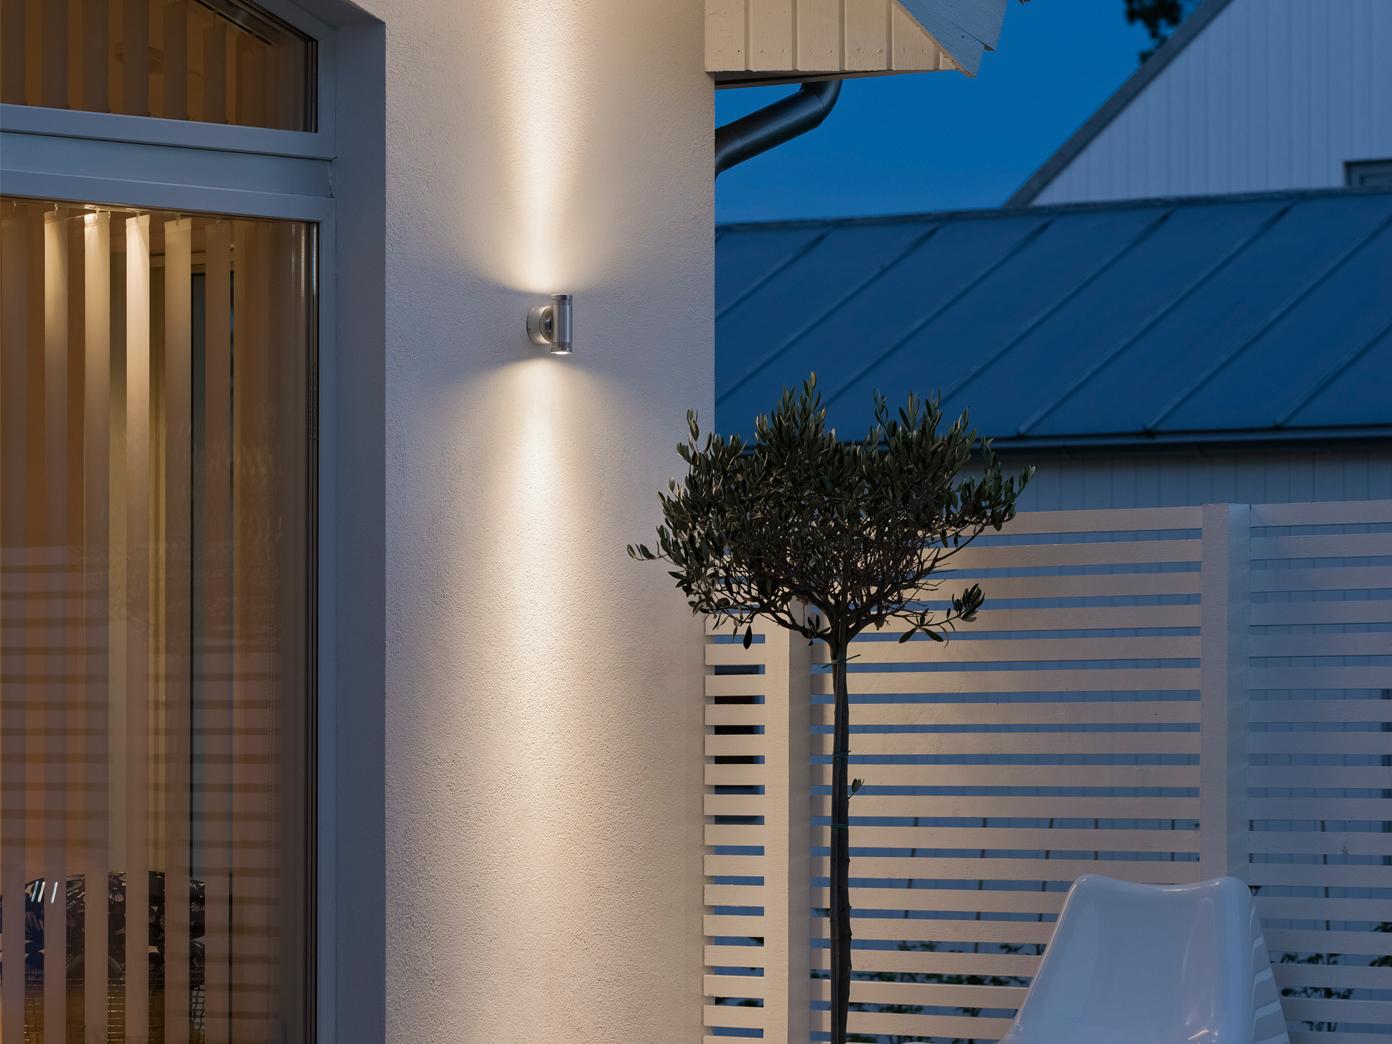 Außenwandleuchte MONZA, Up Down-light, massives Alu, H    12 cm, IP54 1f8f19